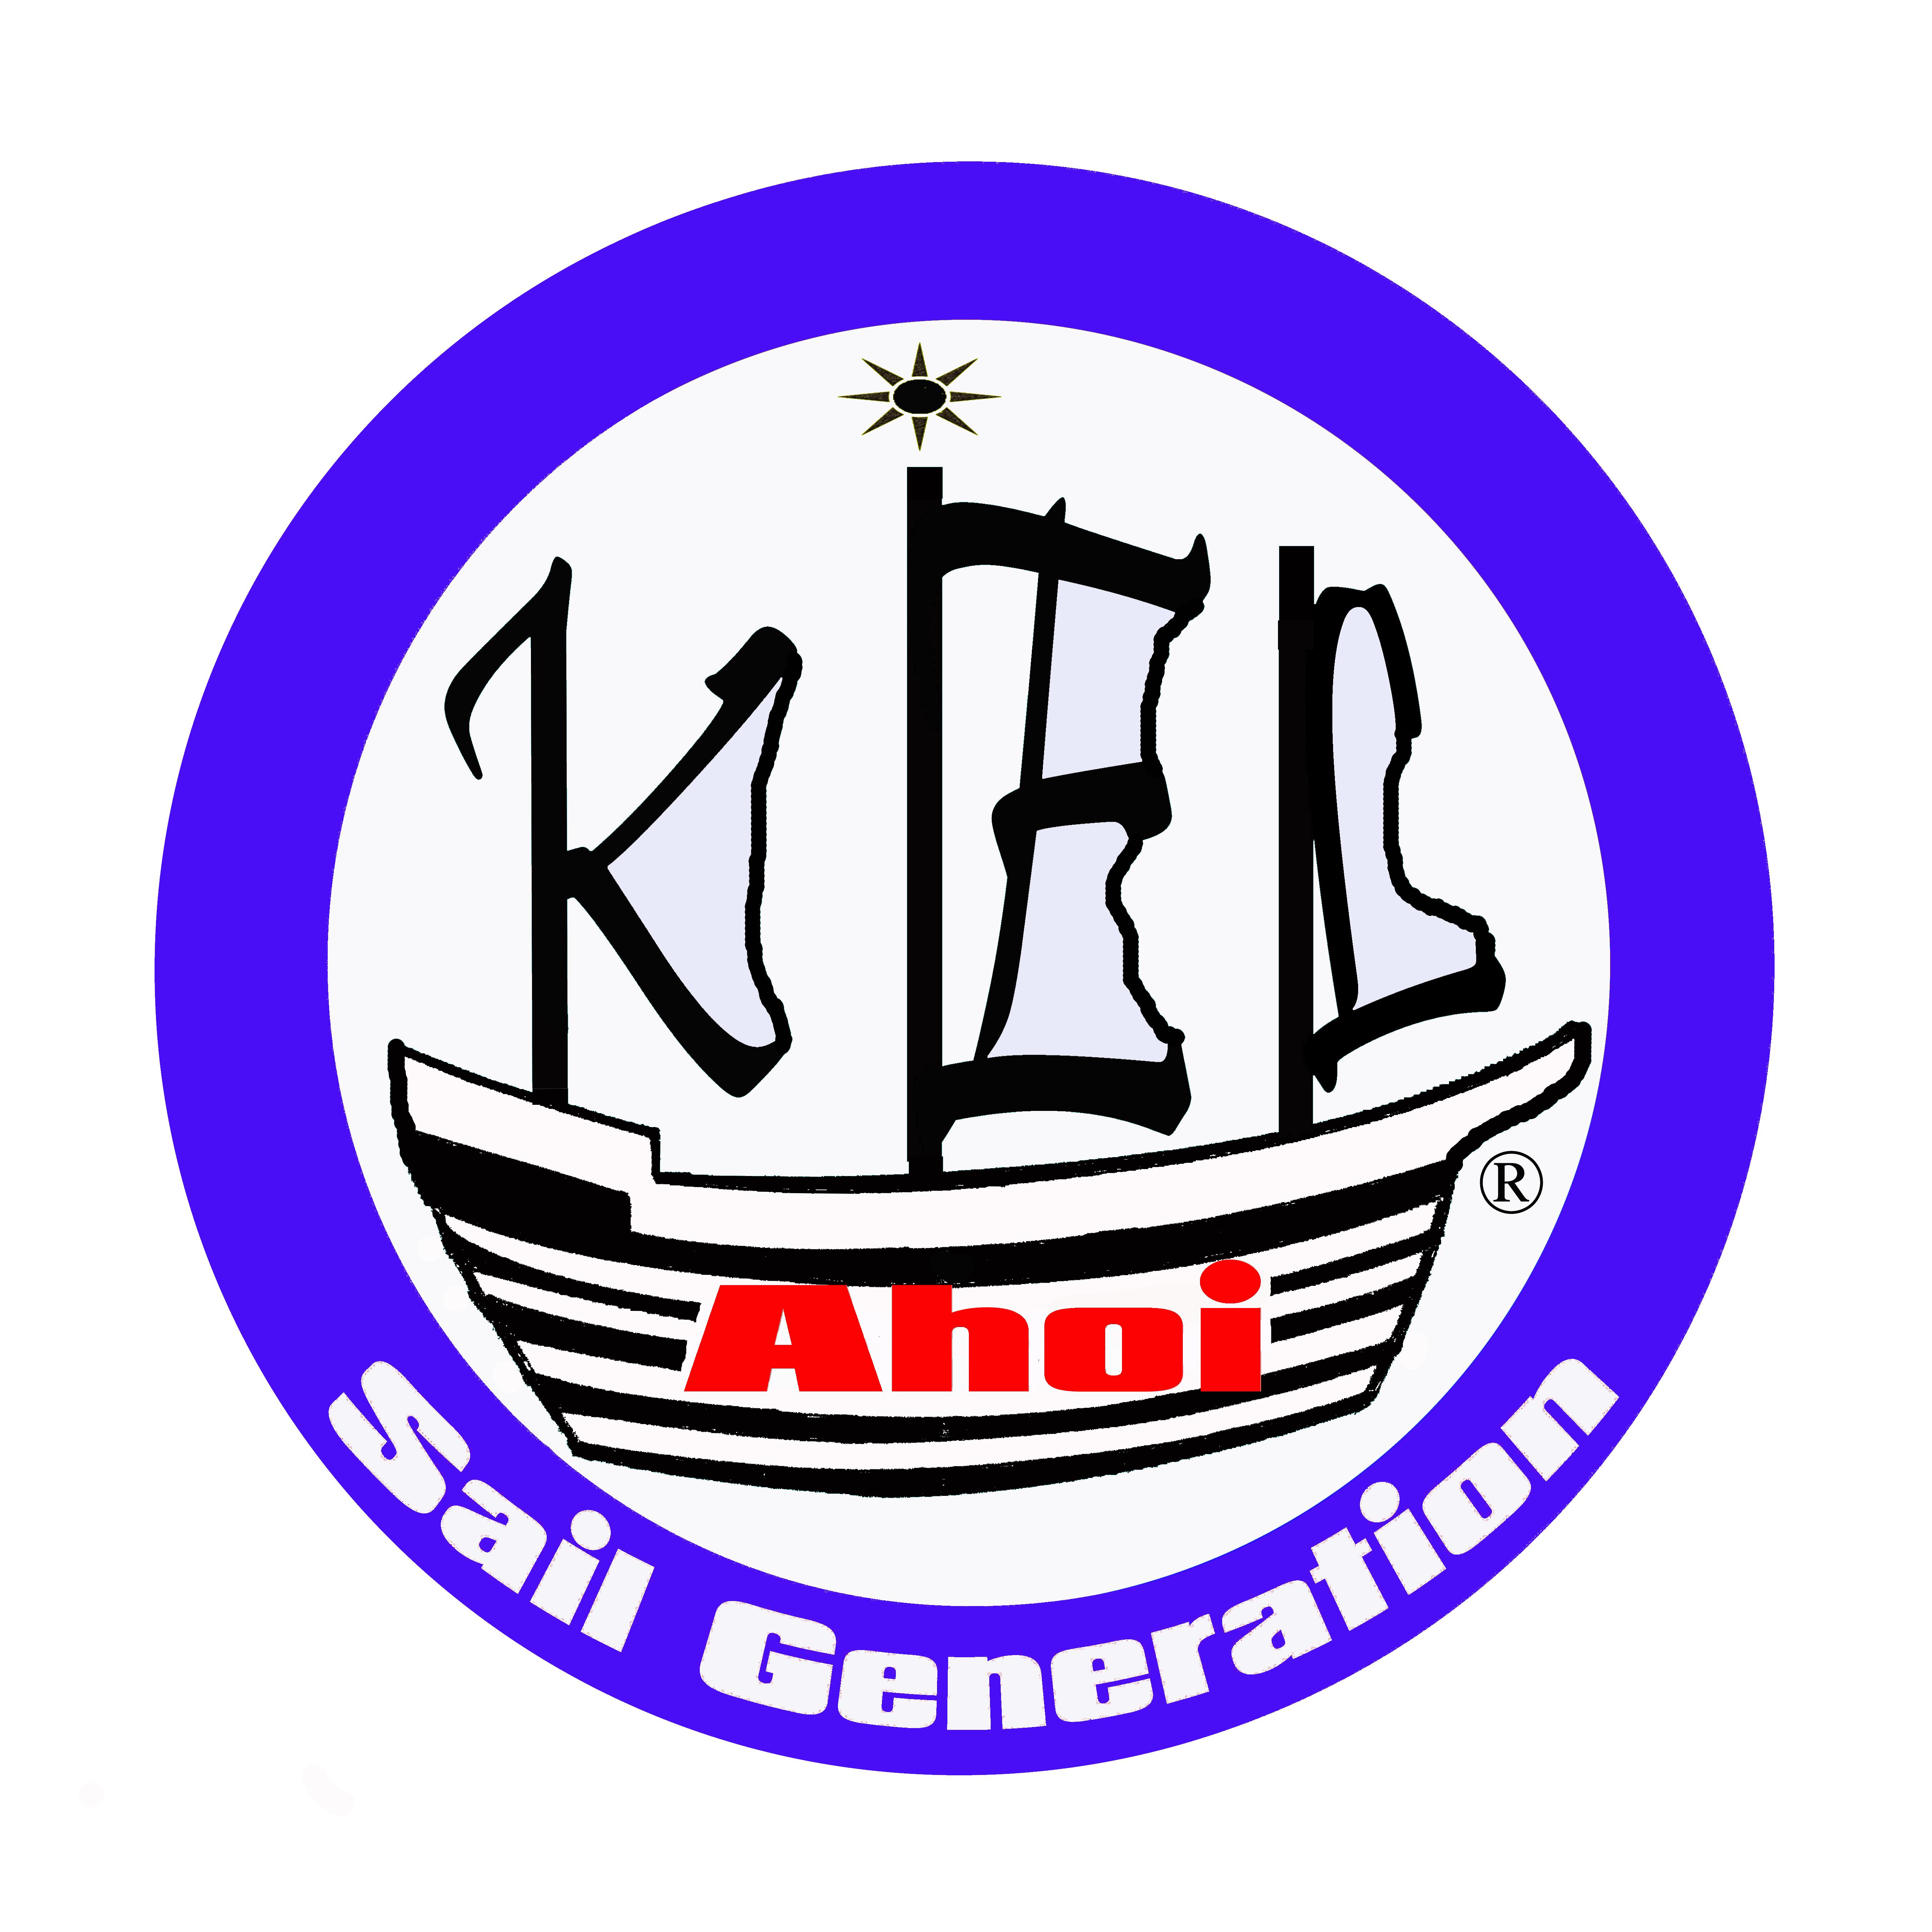 Sail-Generation.de